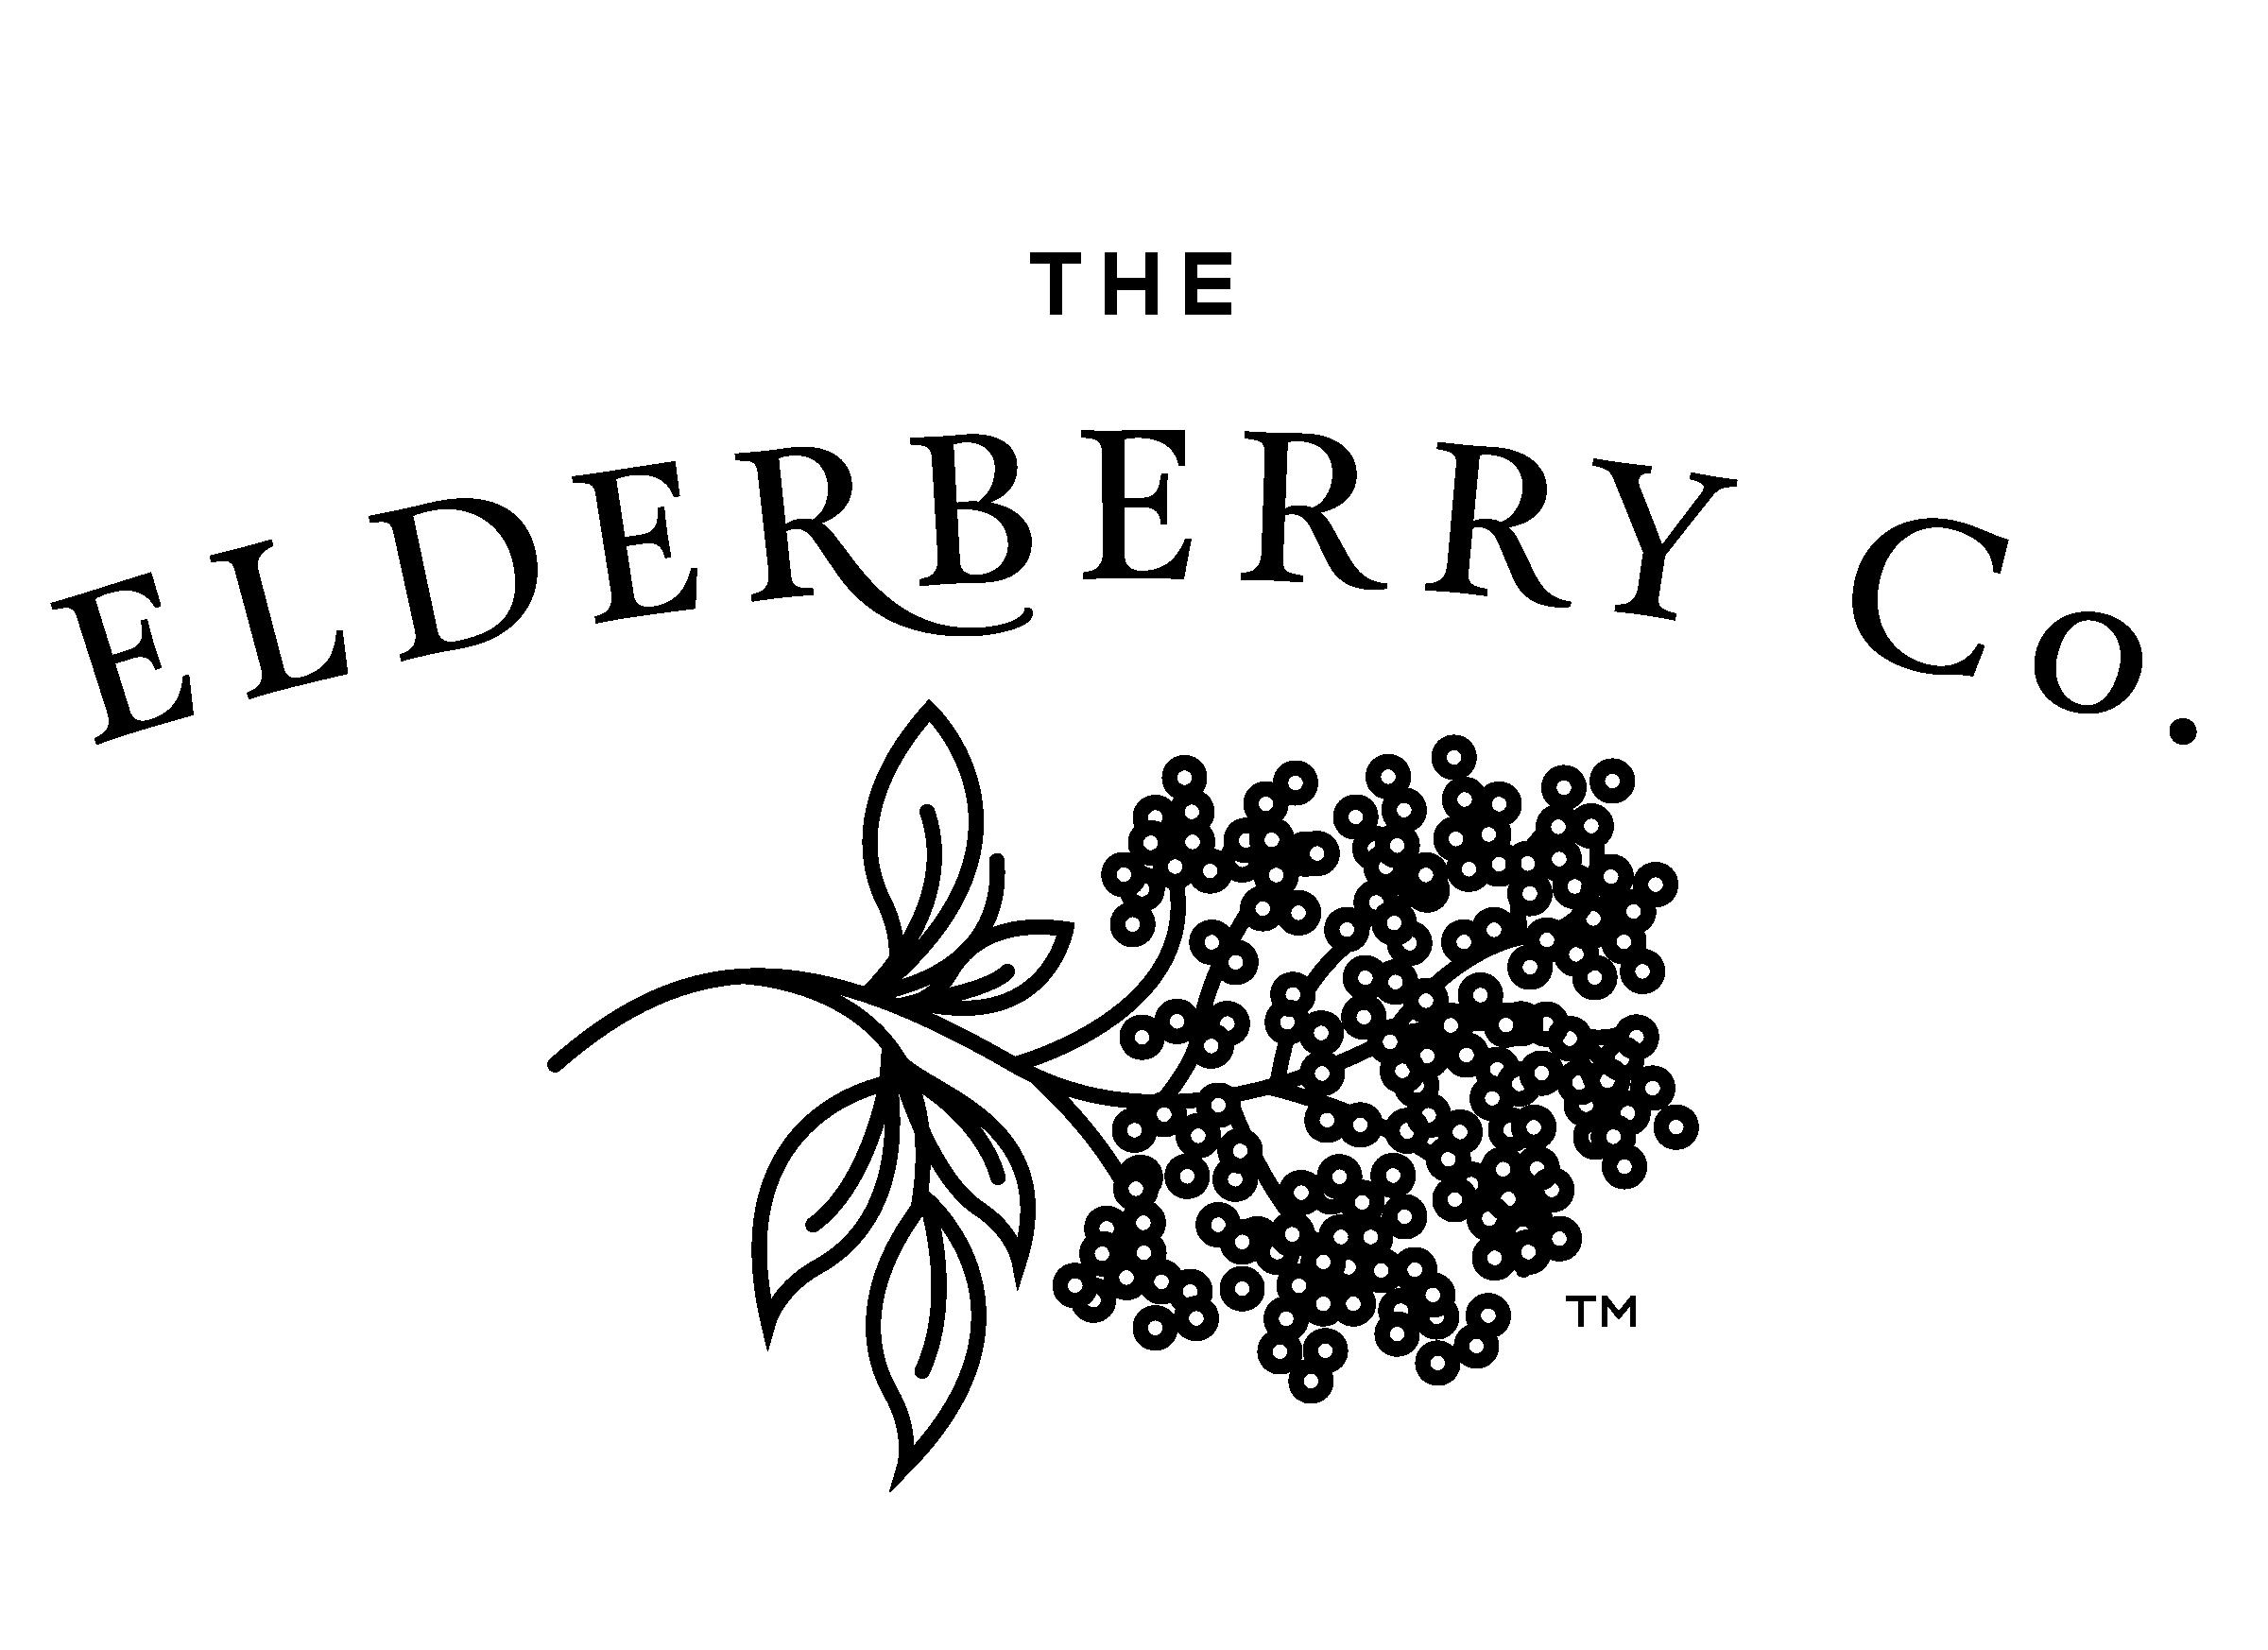 theelderberryco-black